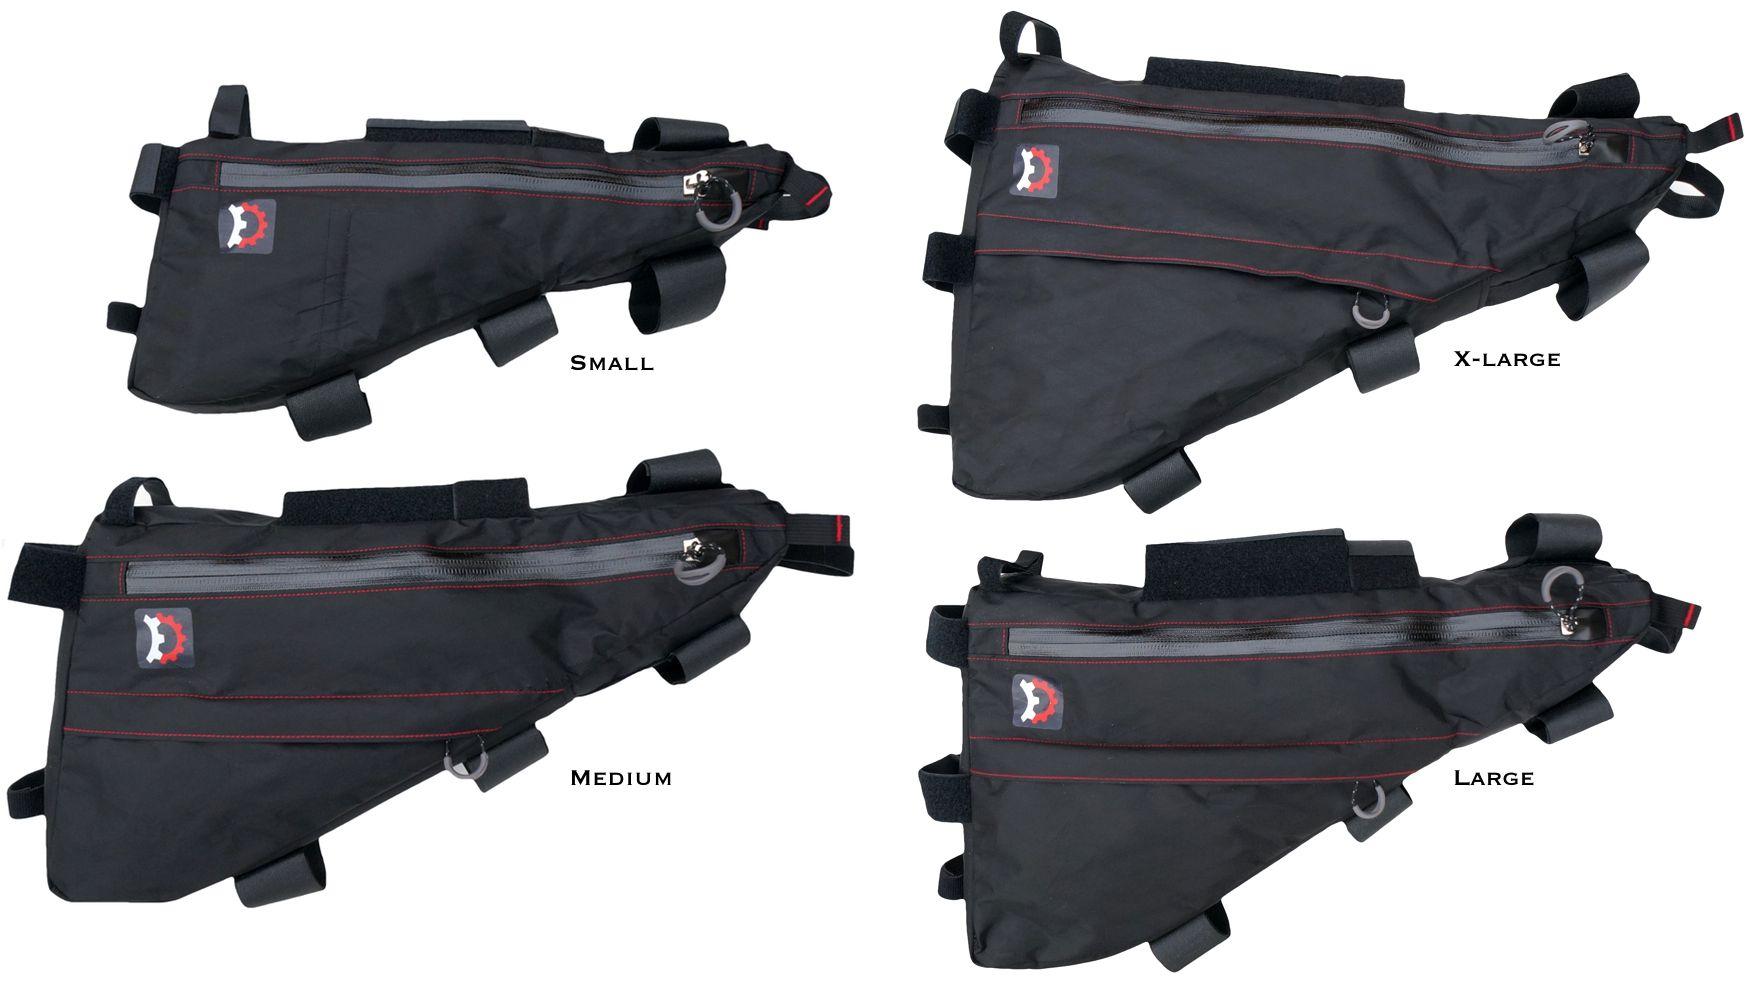 sacoche de cadre revelate design ranger frame bag